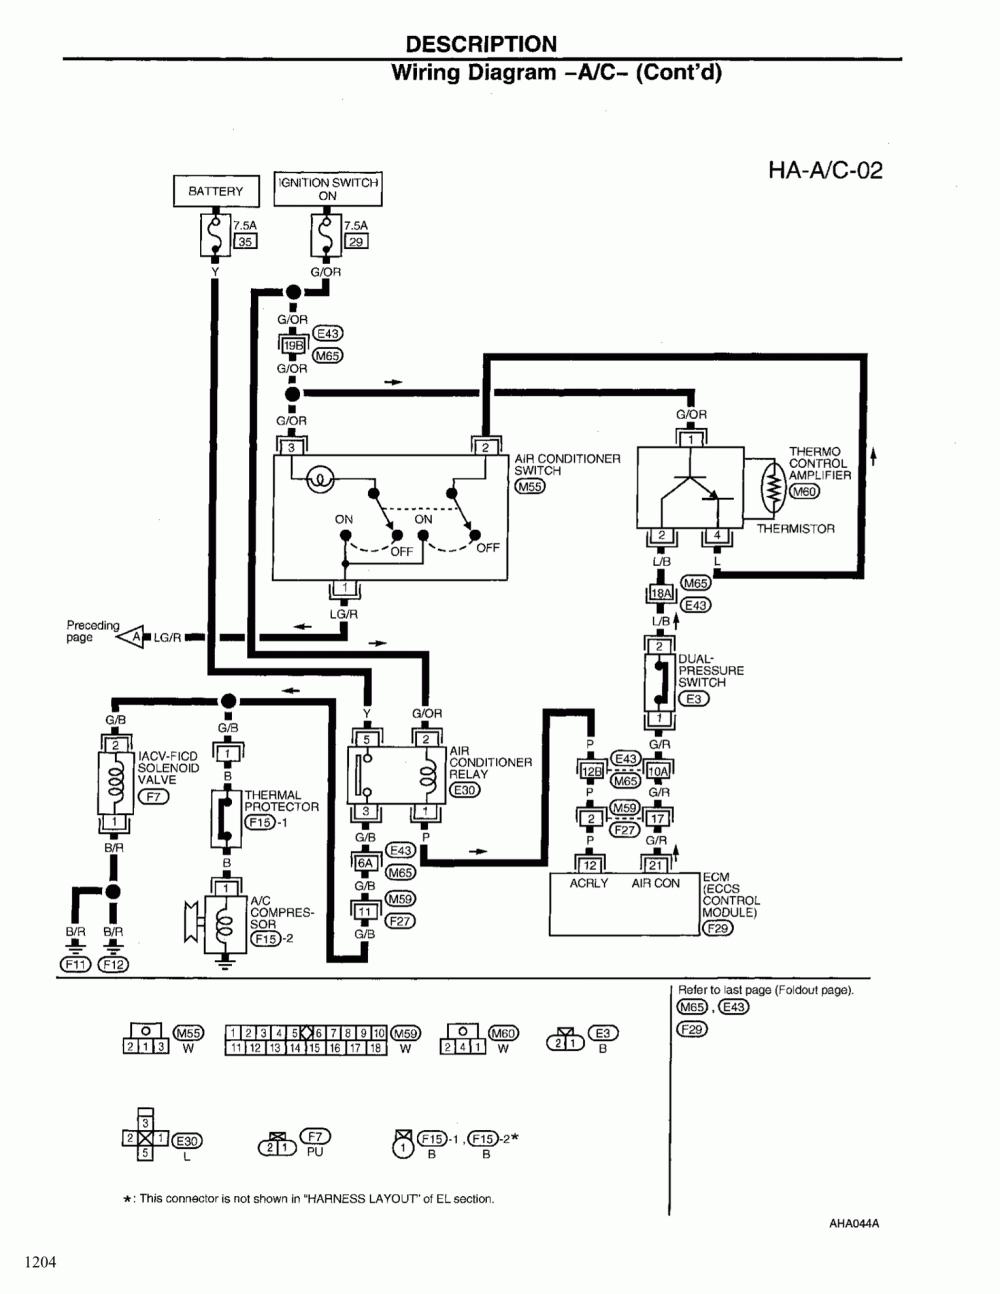 medium resolution of 2004 nissan frontier wiring diagram 10 23 kenmo lp de u2022nissan 3 5 engine diagram